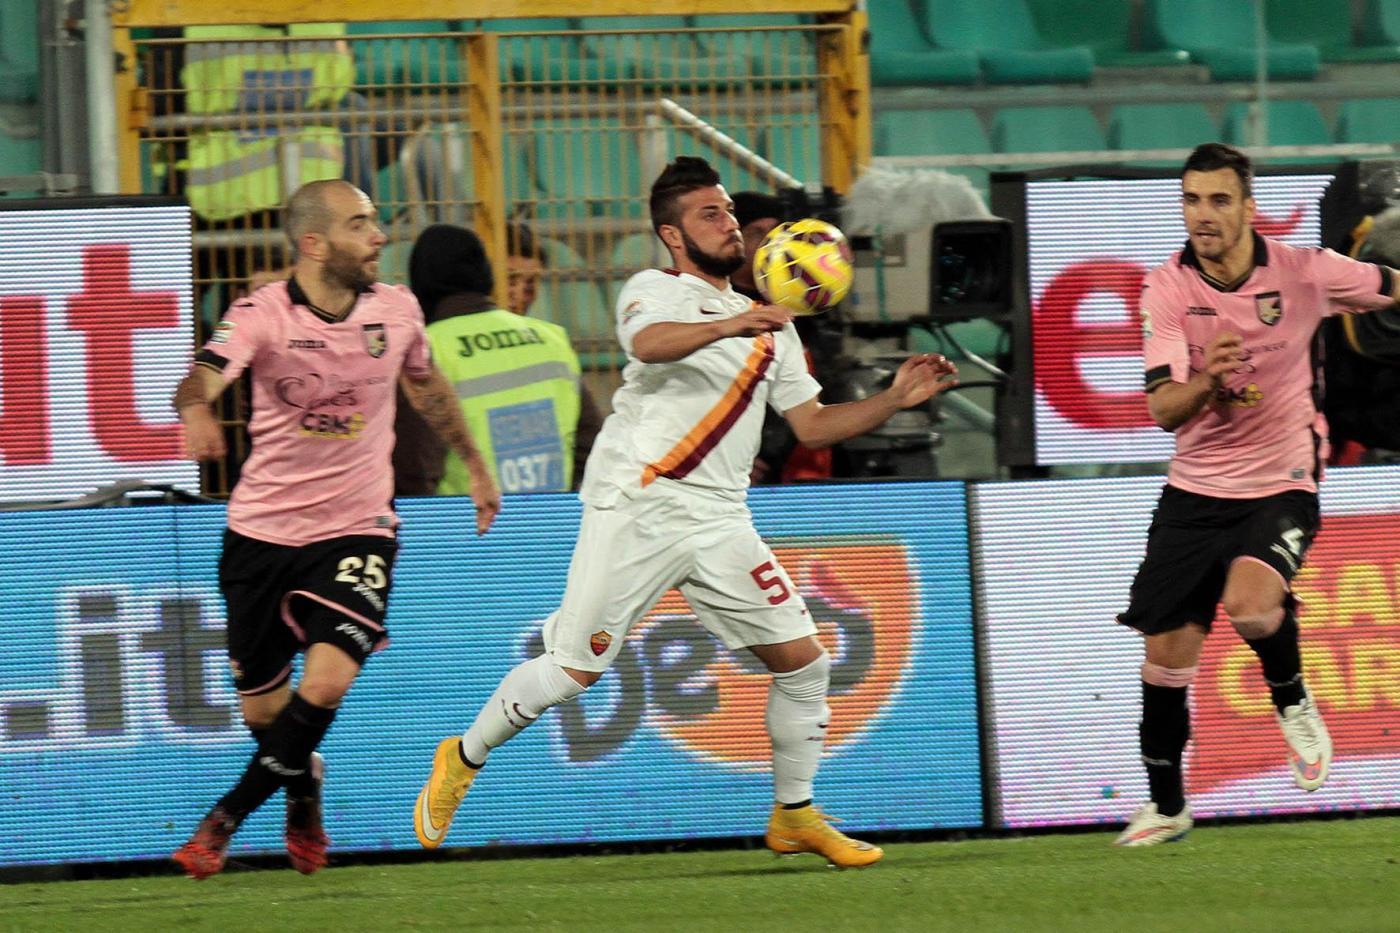 Palermo vs Roma 1-1 nell'anticipo di Serie A